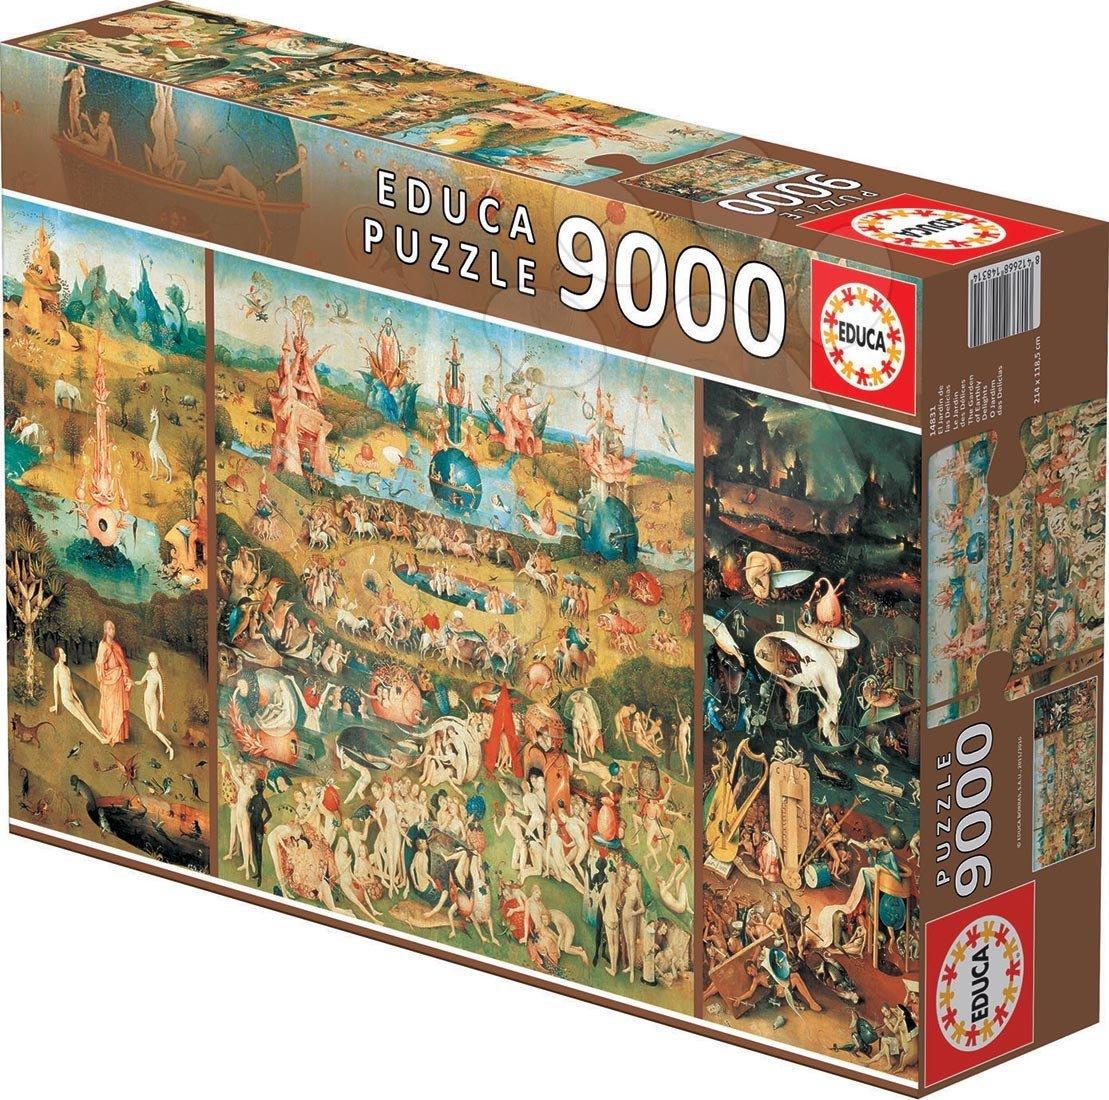 Puzzle Záhrada Pozemských Rozkoší - Hieronymus Bosch Educa 9 000 dielov od 15 rokov